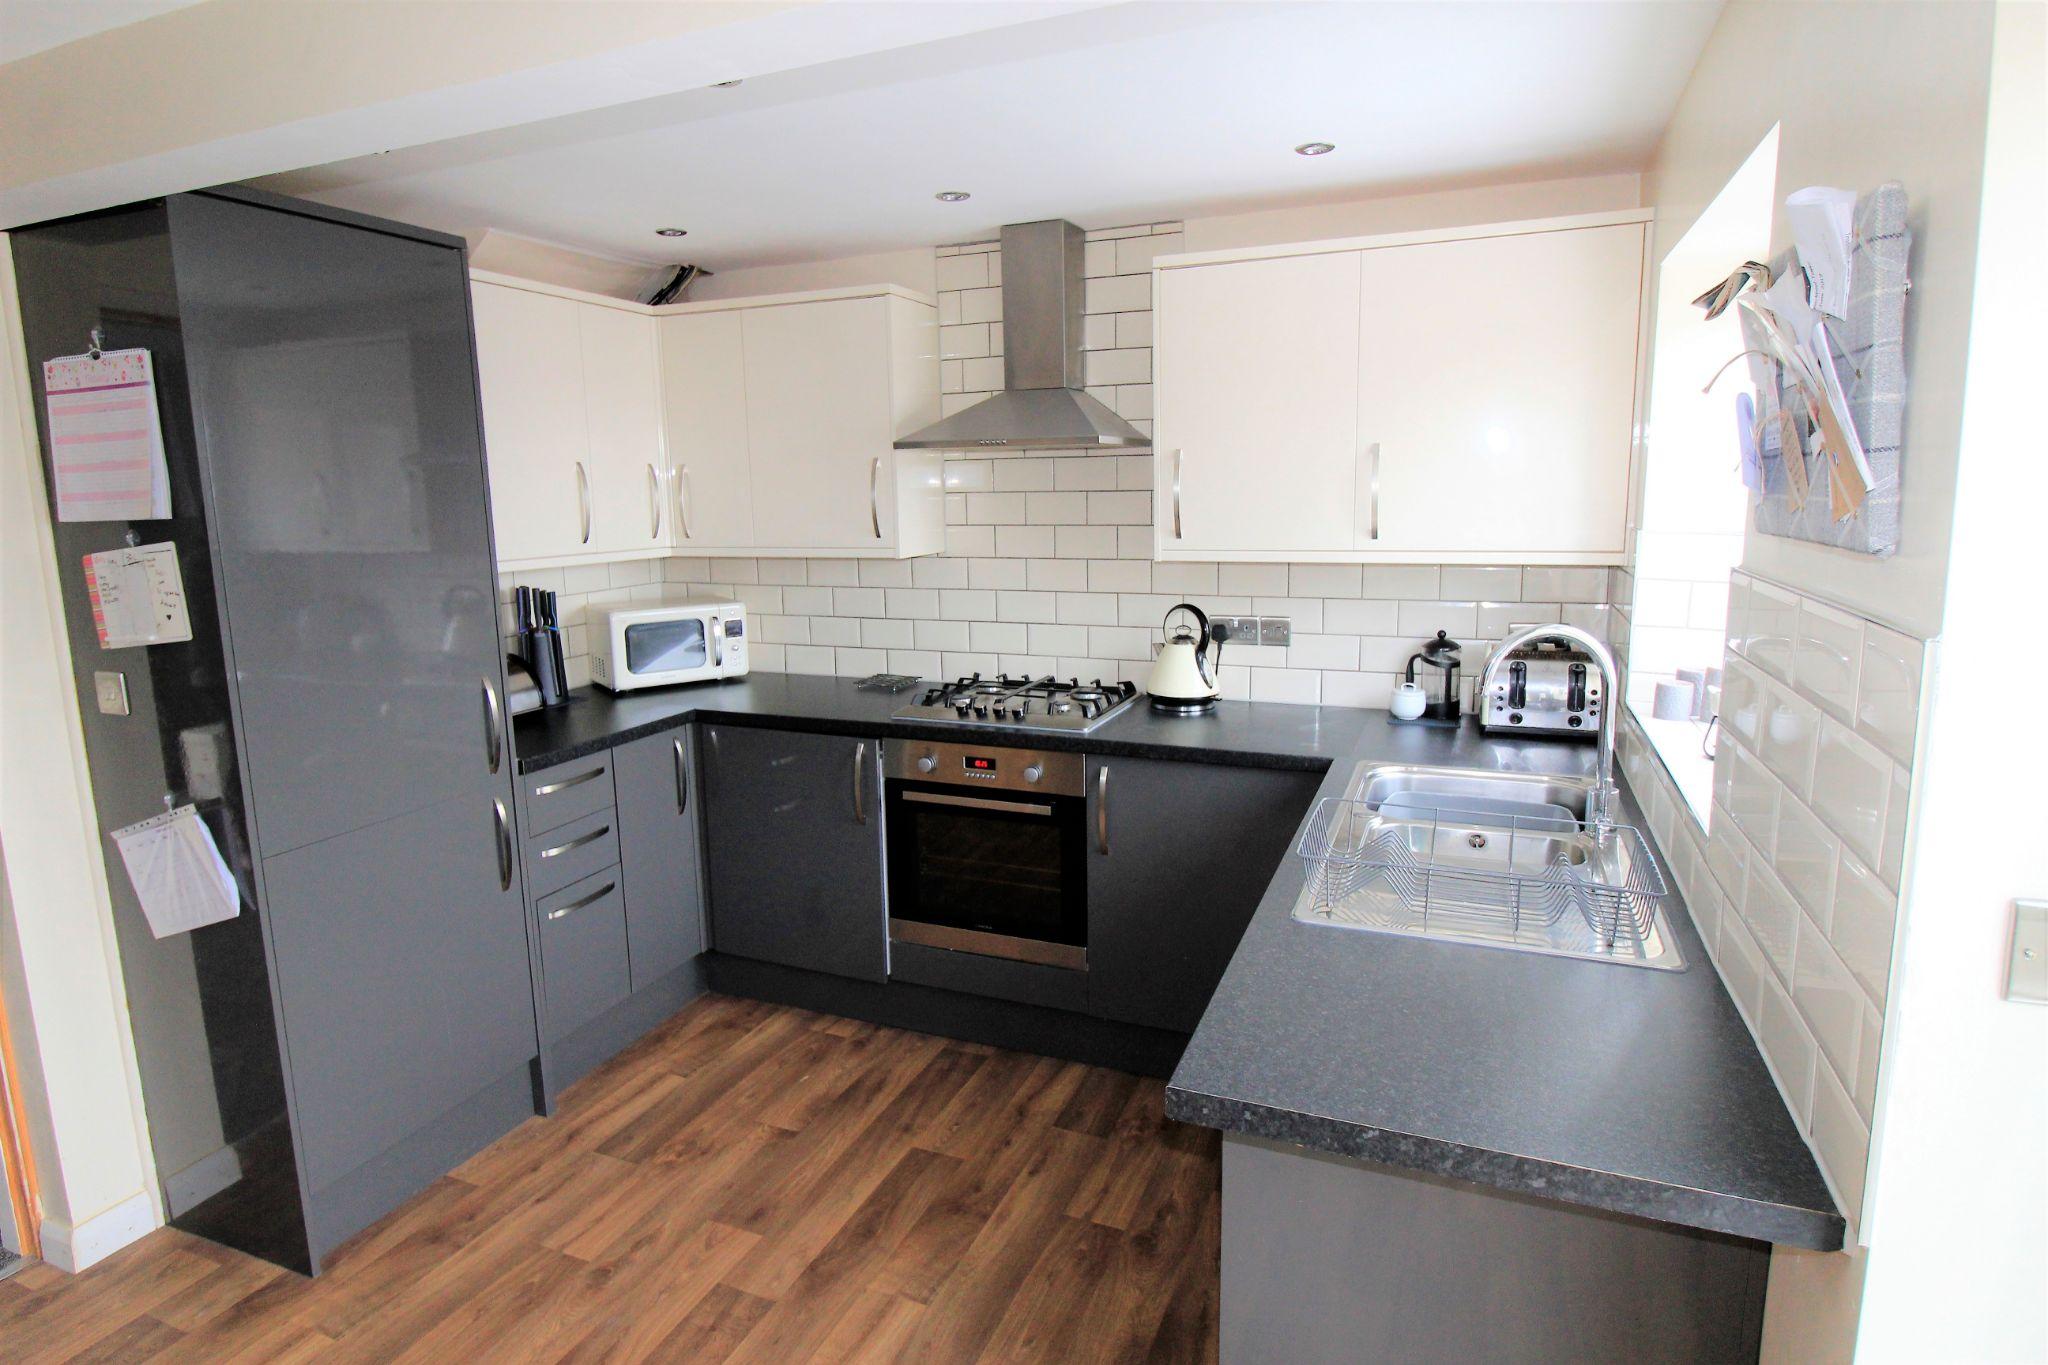 3 bedroom semi-detached house SSTC in Shipley - Kitchen